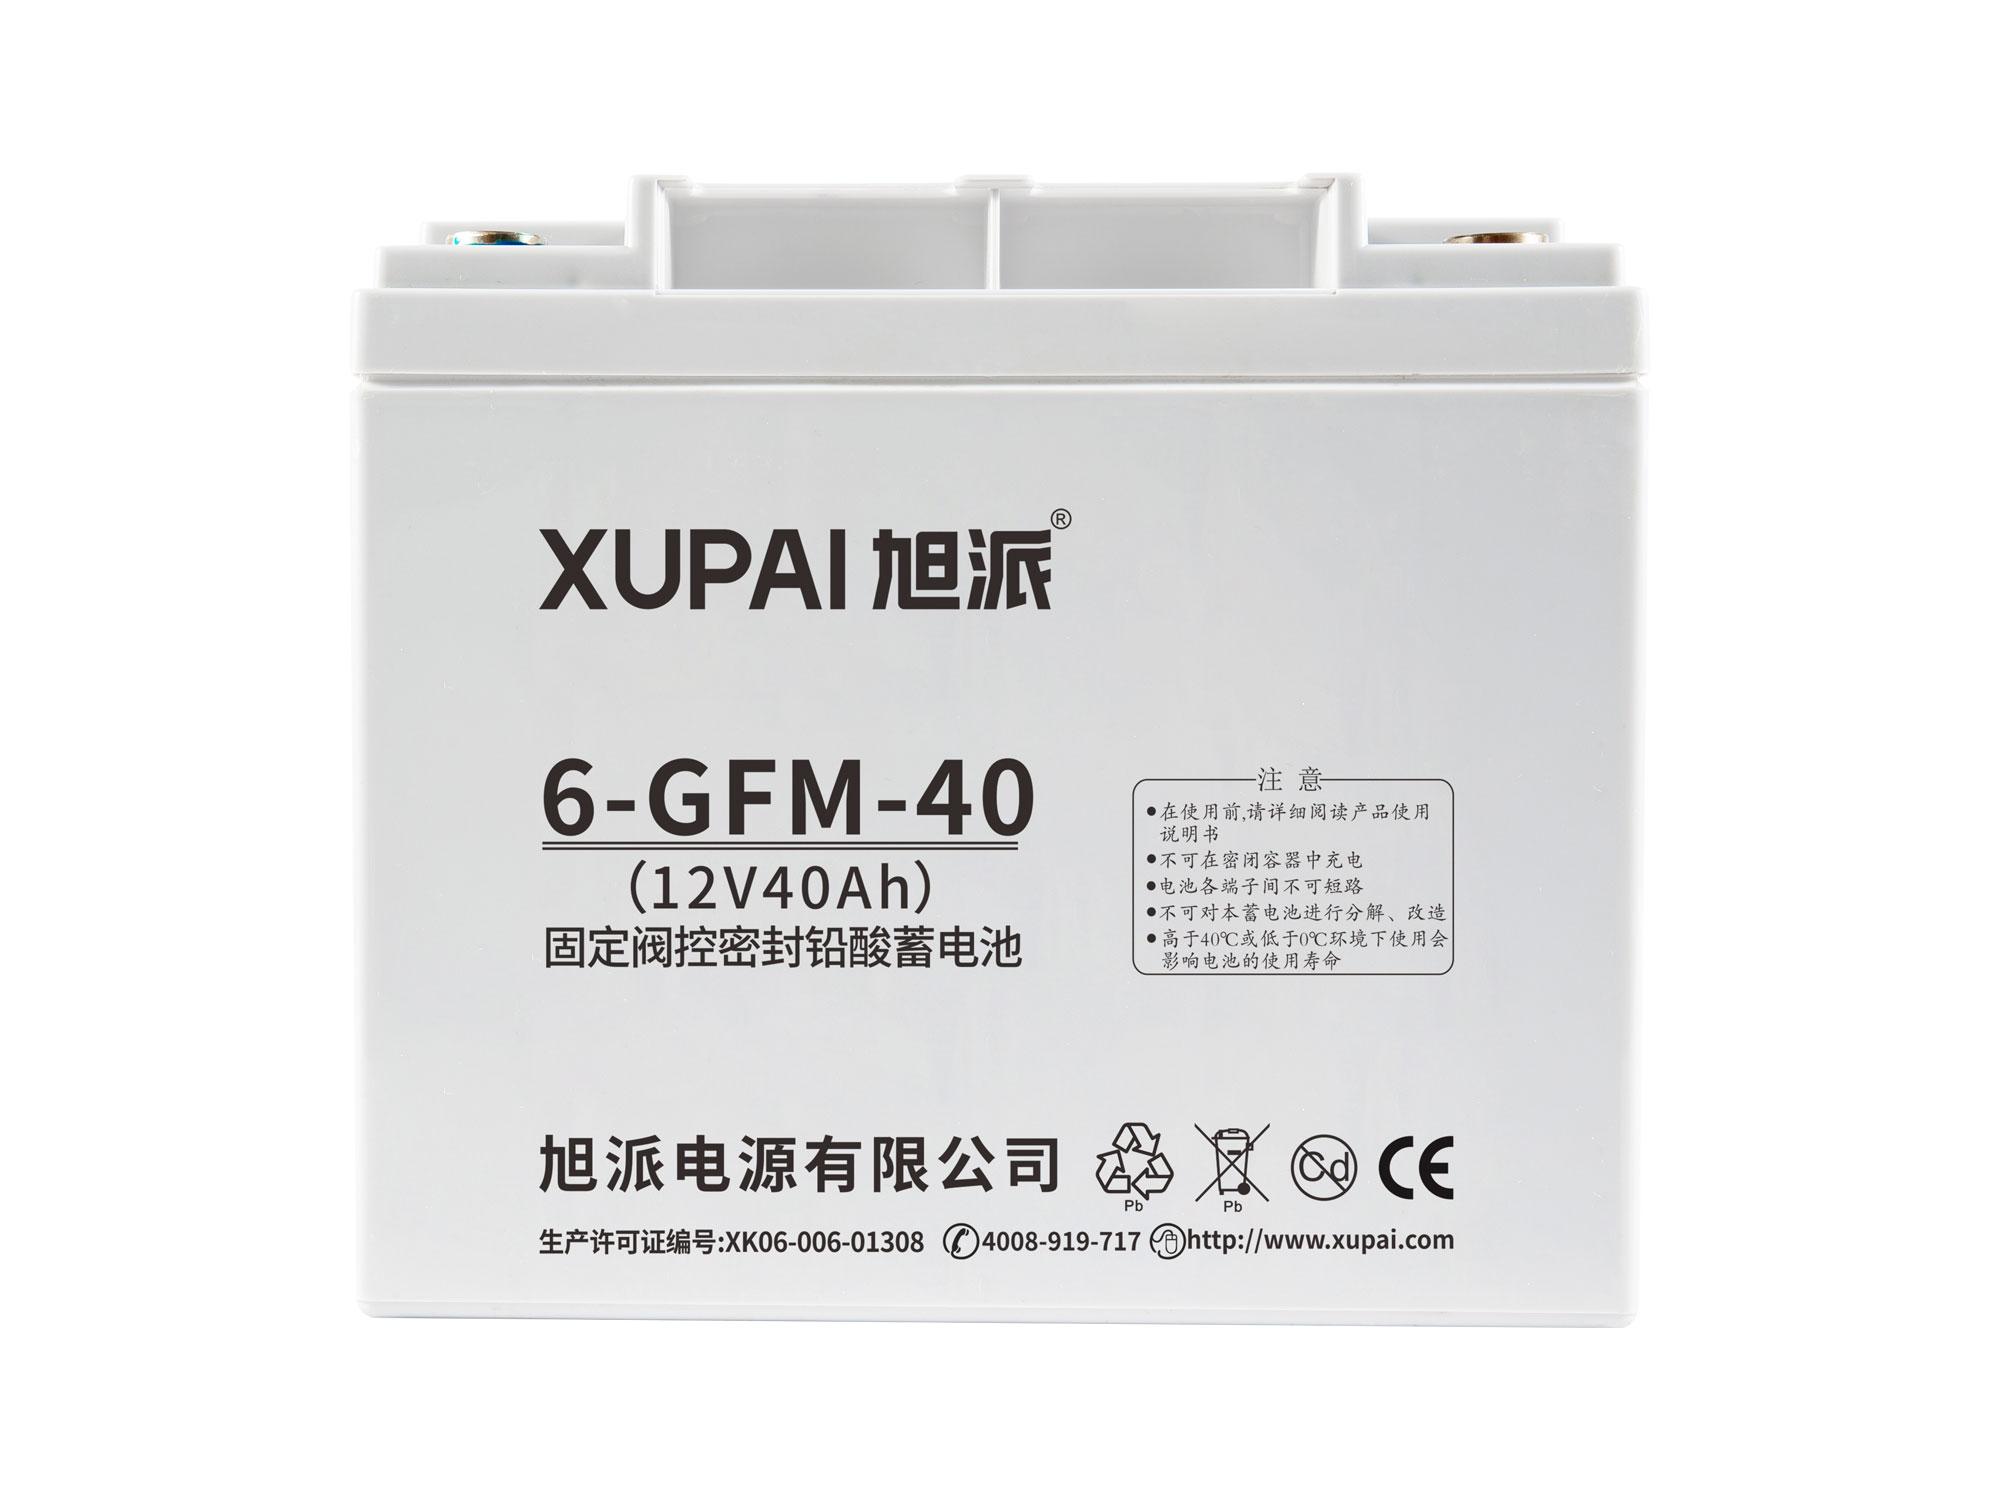 6-gfm-40